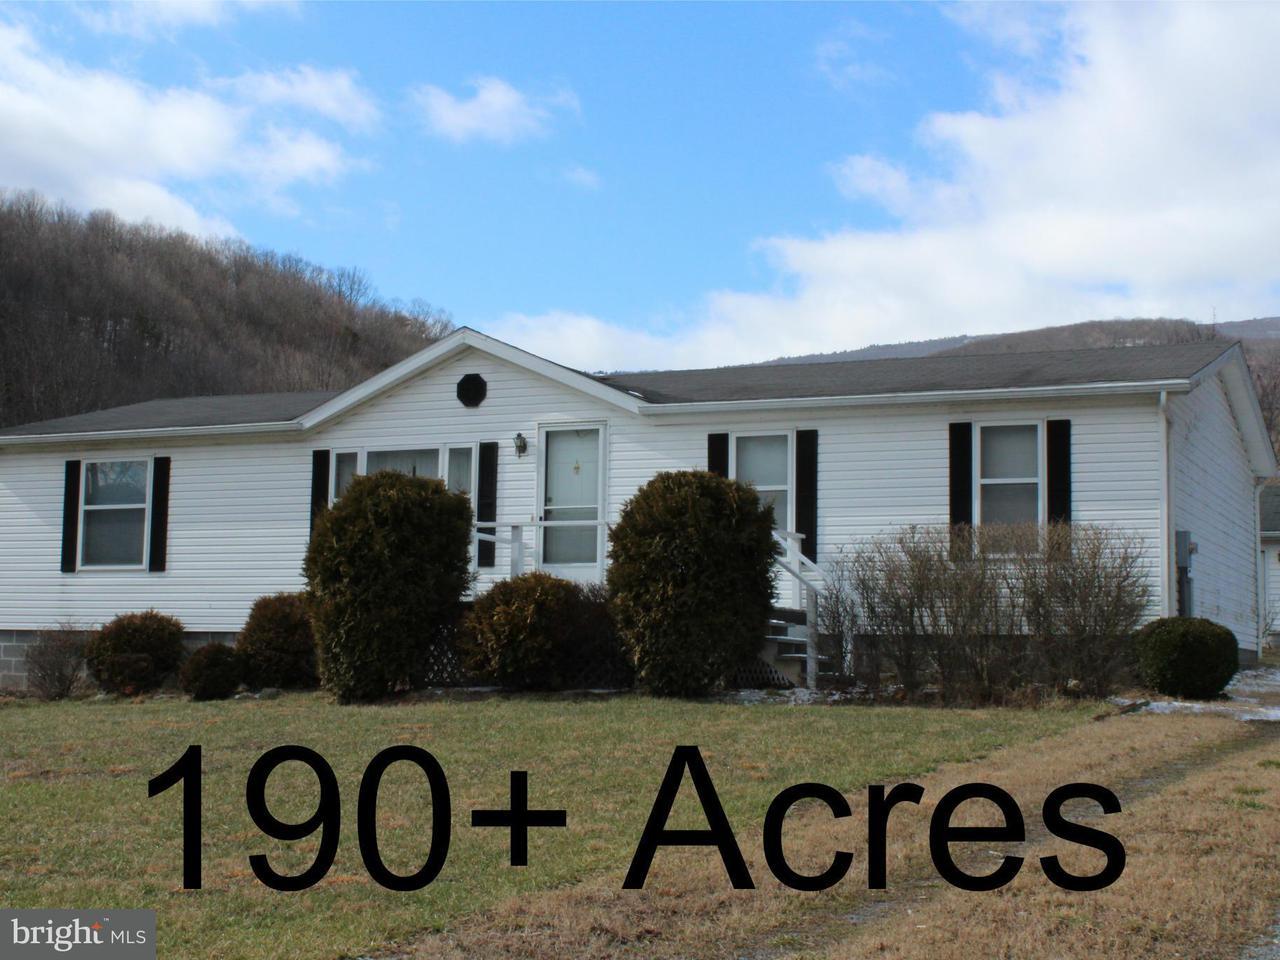 Частный односемейный дом для того Продажа на 449 LAUREL RUN Road 449 LAUREL RUN Road Mount Storm, Западная Виргиния 26739 Соединенные Штаты